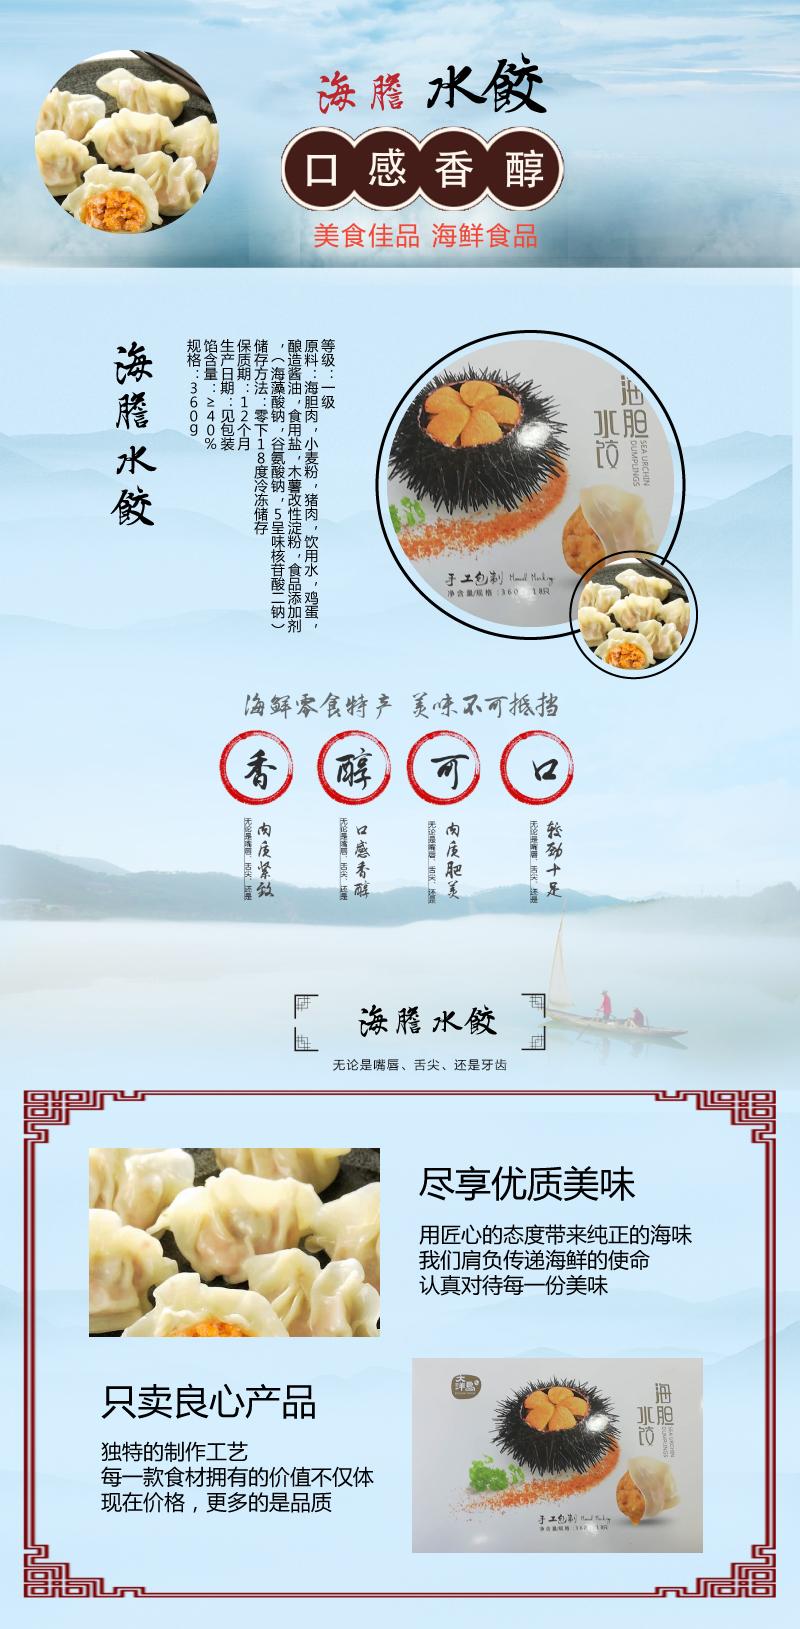 海胆水饺.jpg